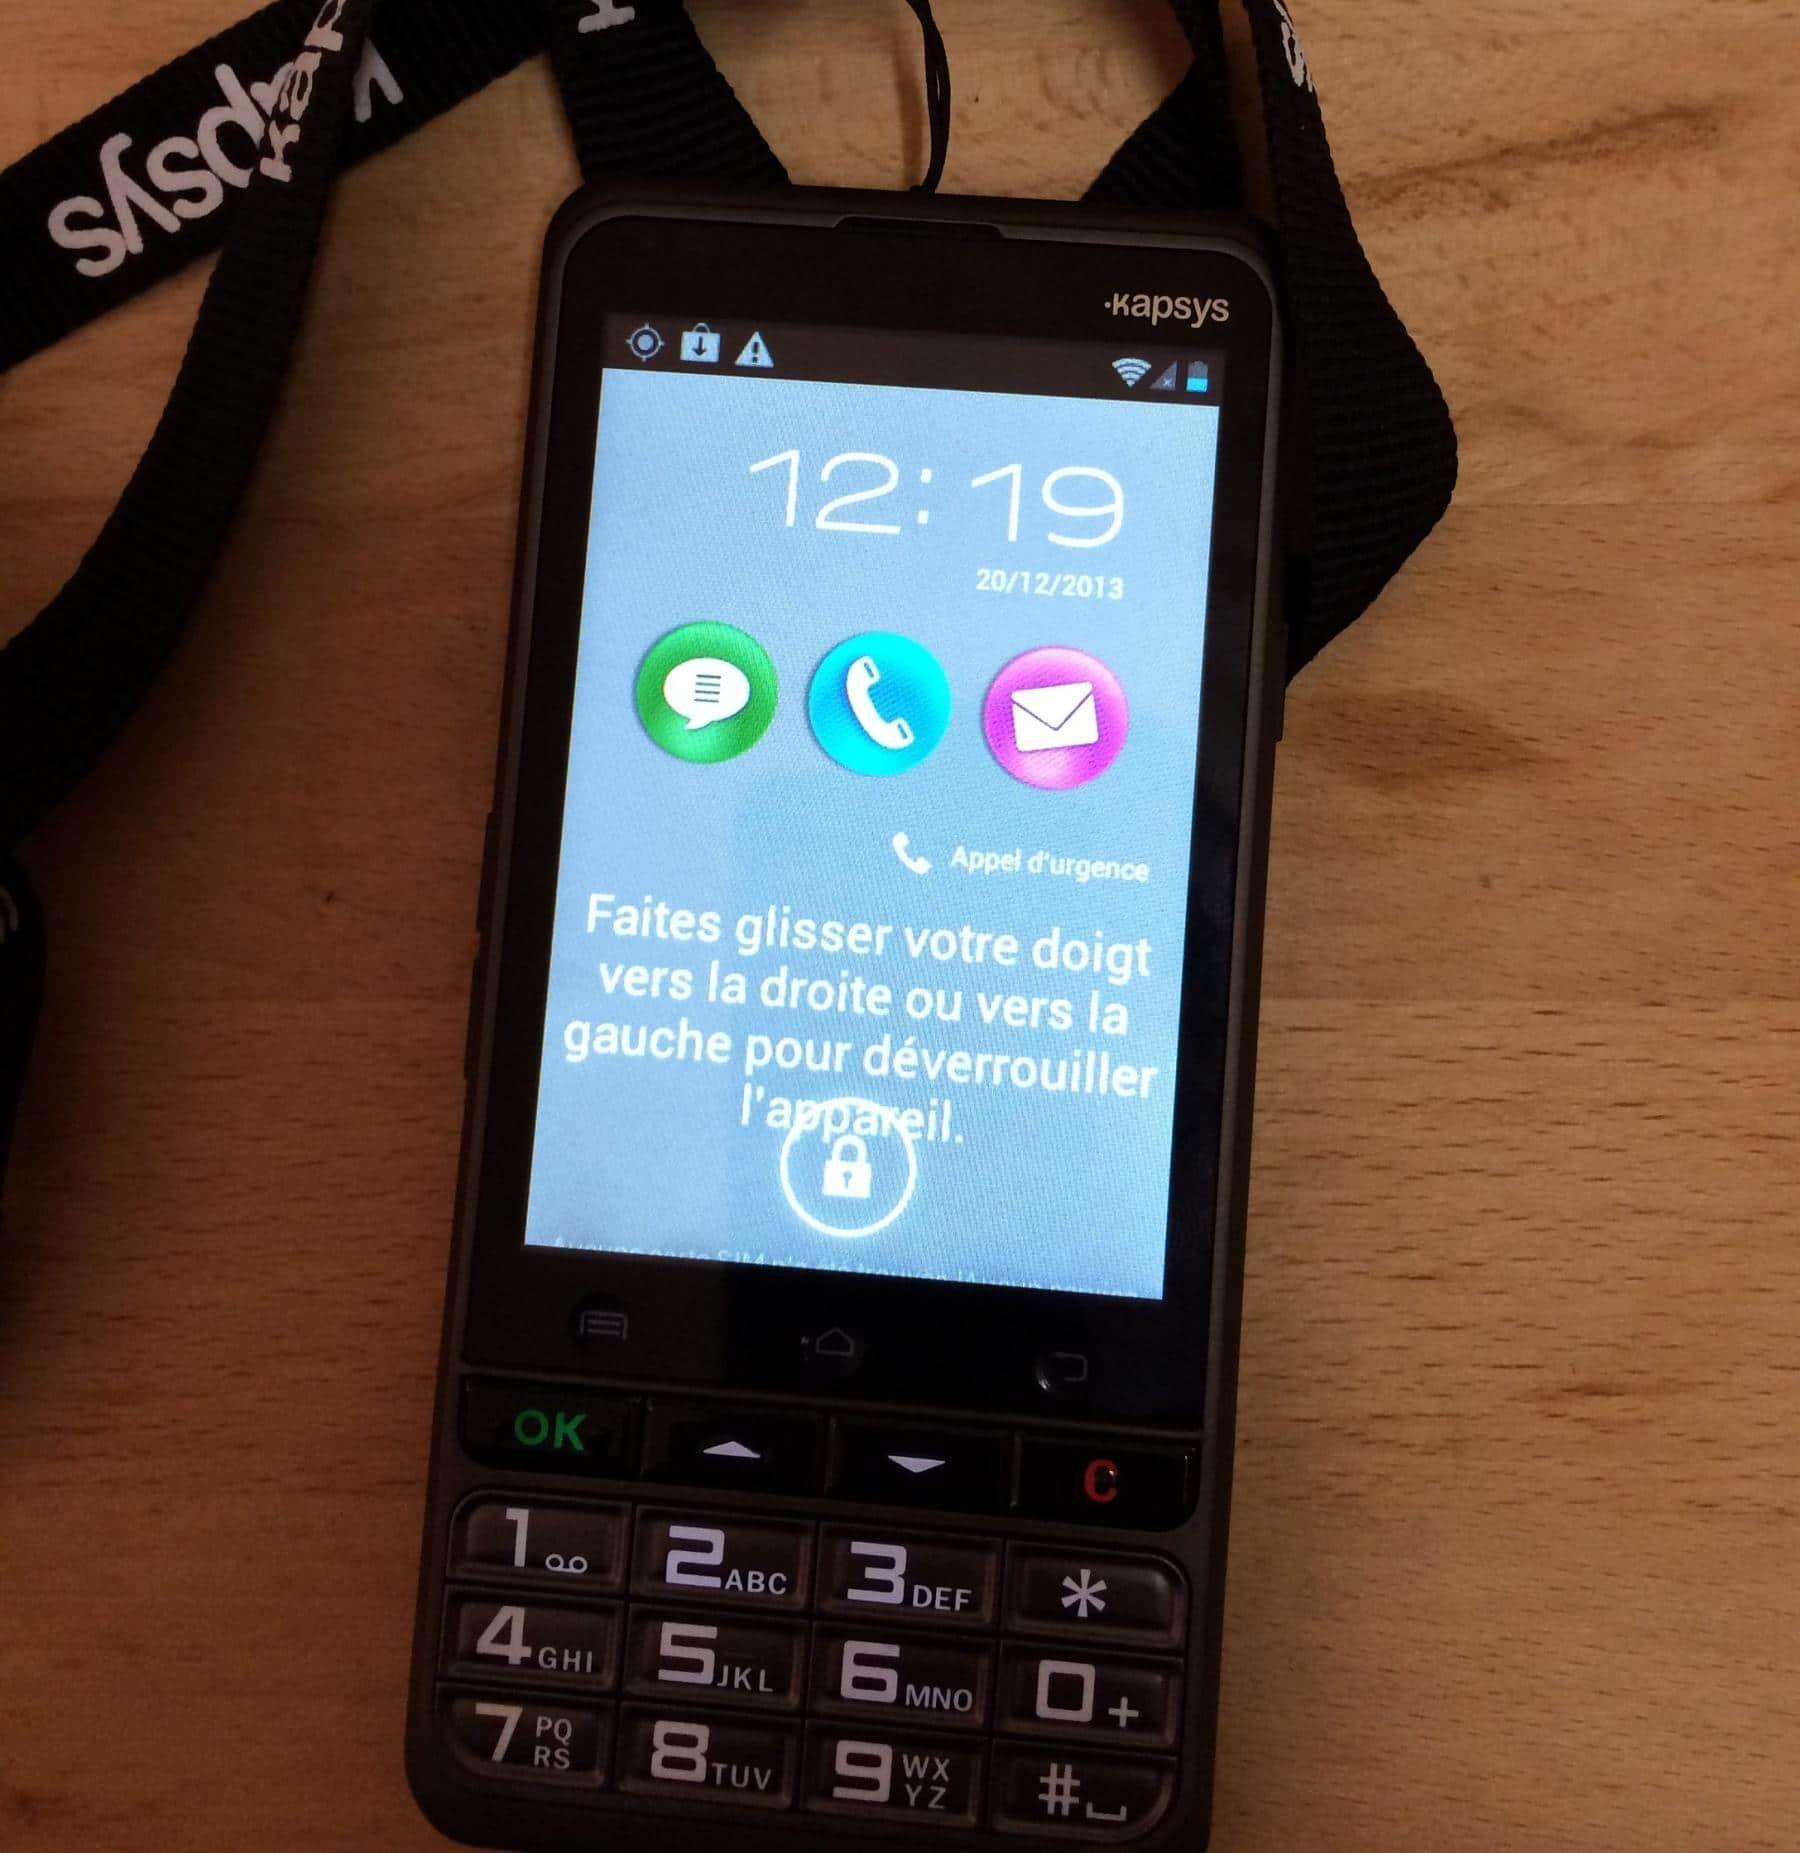 2013-12-20-12.19.42-e1389025462509 Kapsys SmartConnect, le smartphone pour senior